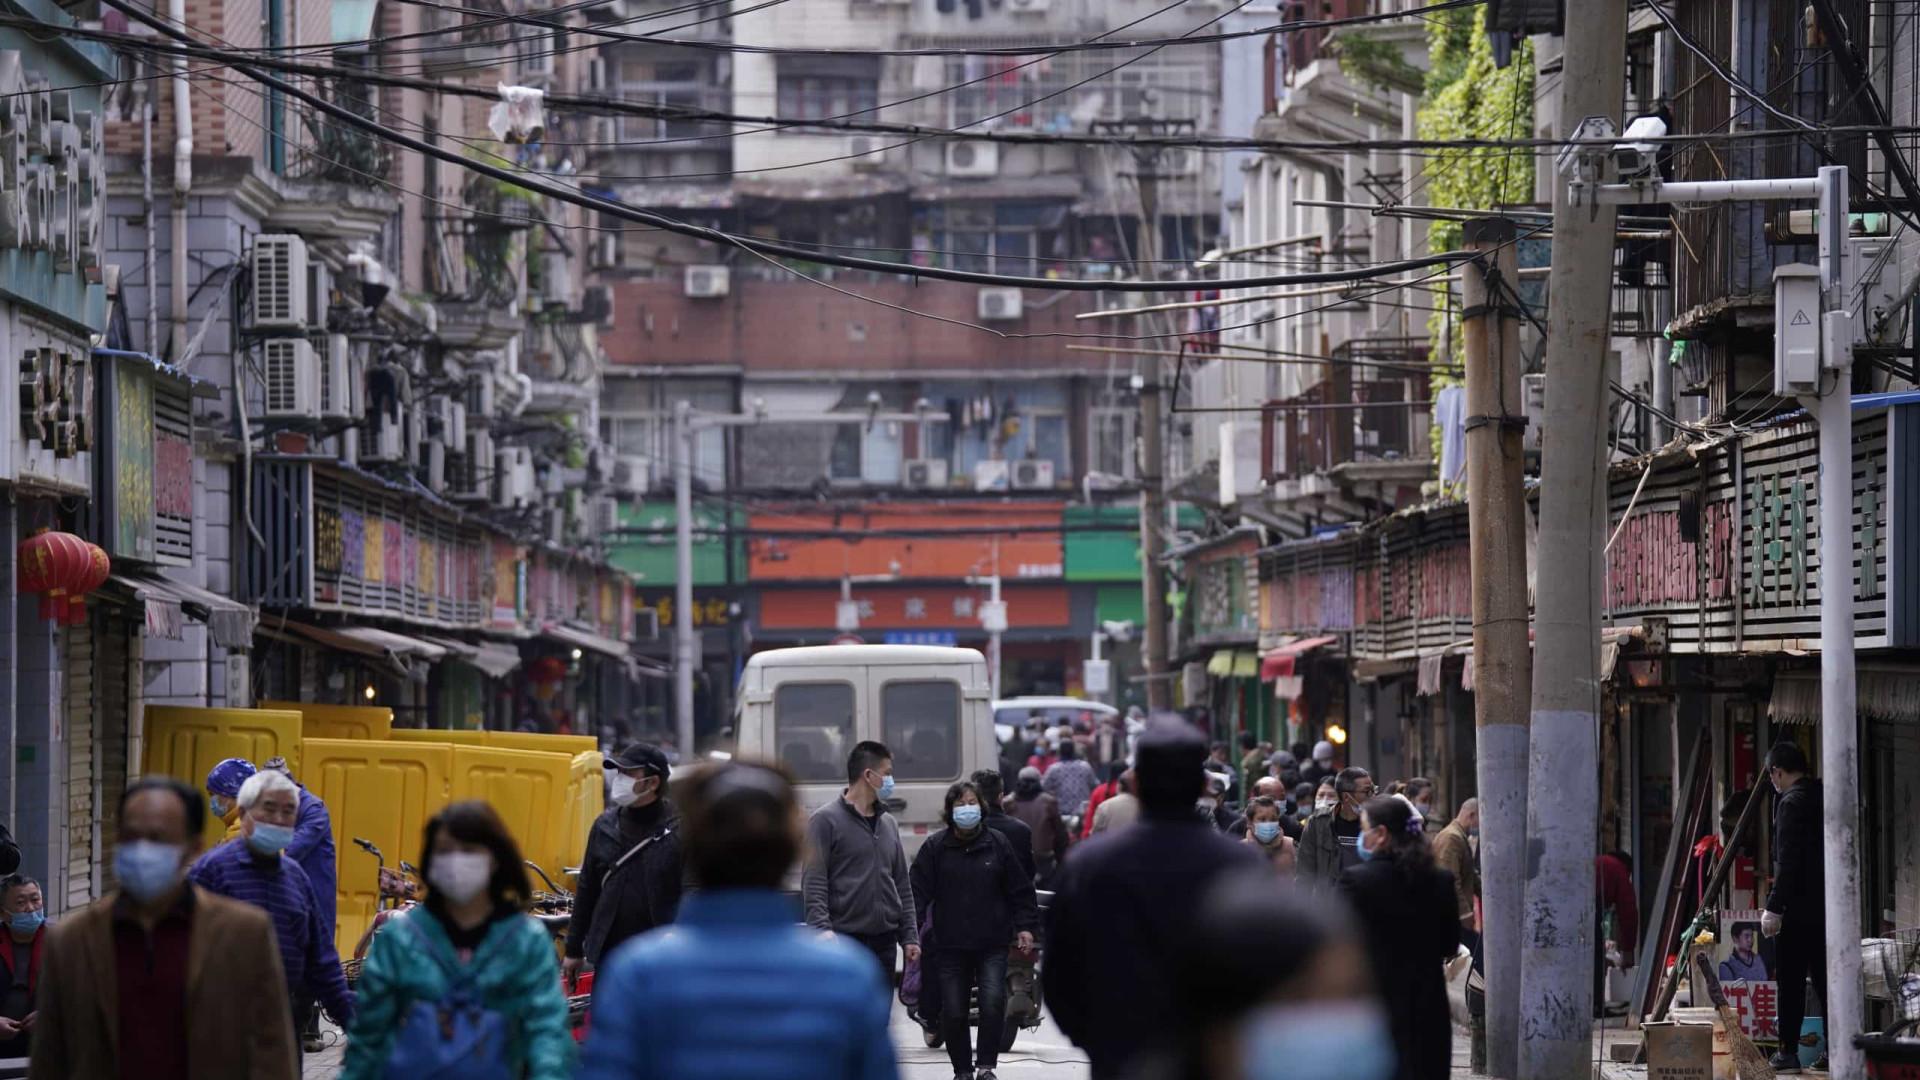 Quarentena chega ao fim em Wuhan, mas normalidade está longe de voltar